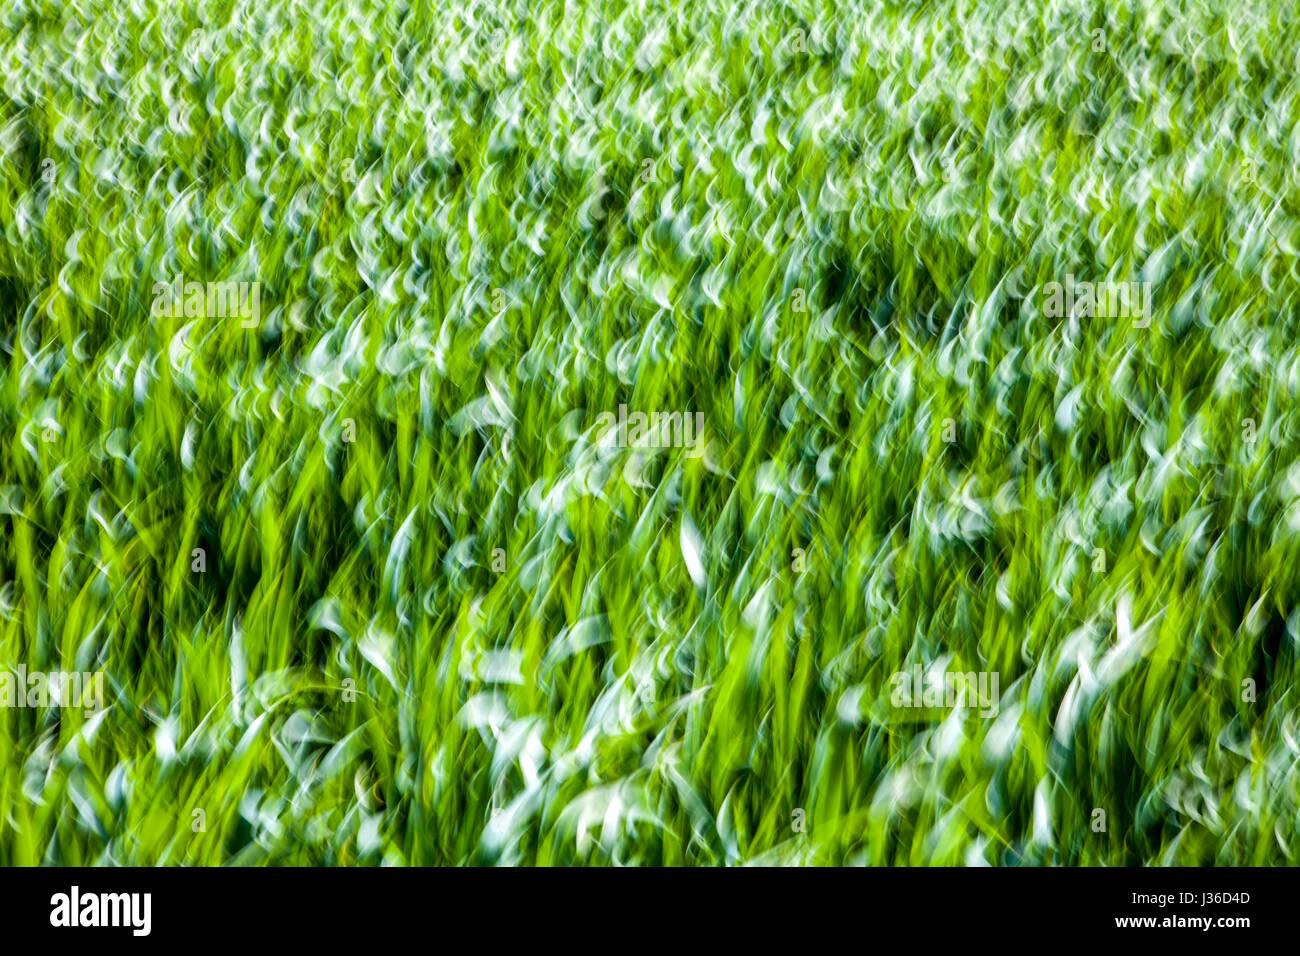 Lignes abstraites et structures dans l'herbe verte, gros plan, avec un effet d'effacement Banque D'Images